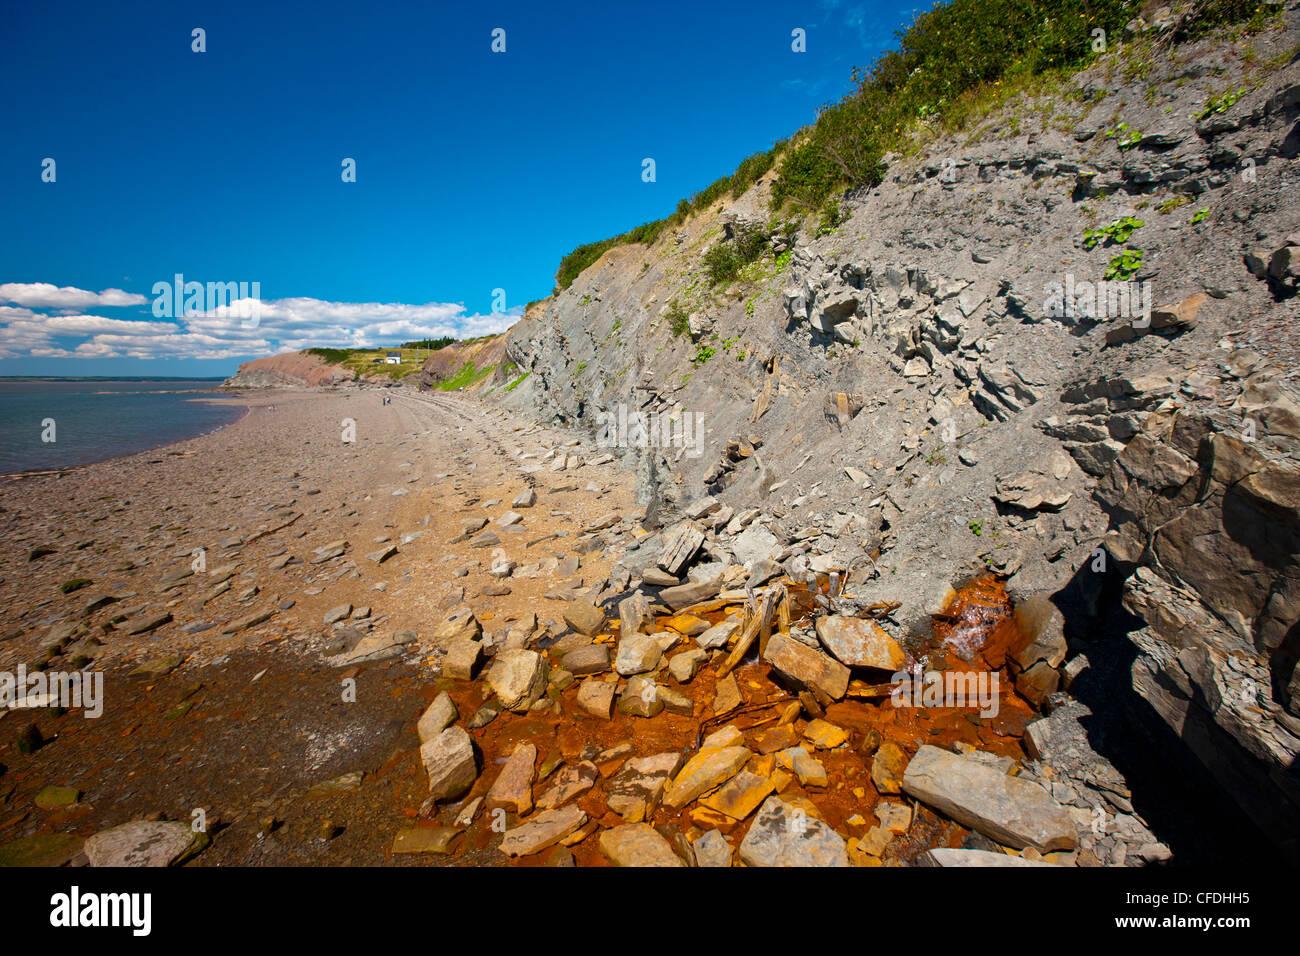 joggins fossil cliffs  bay of fundy  nova scotia  canada